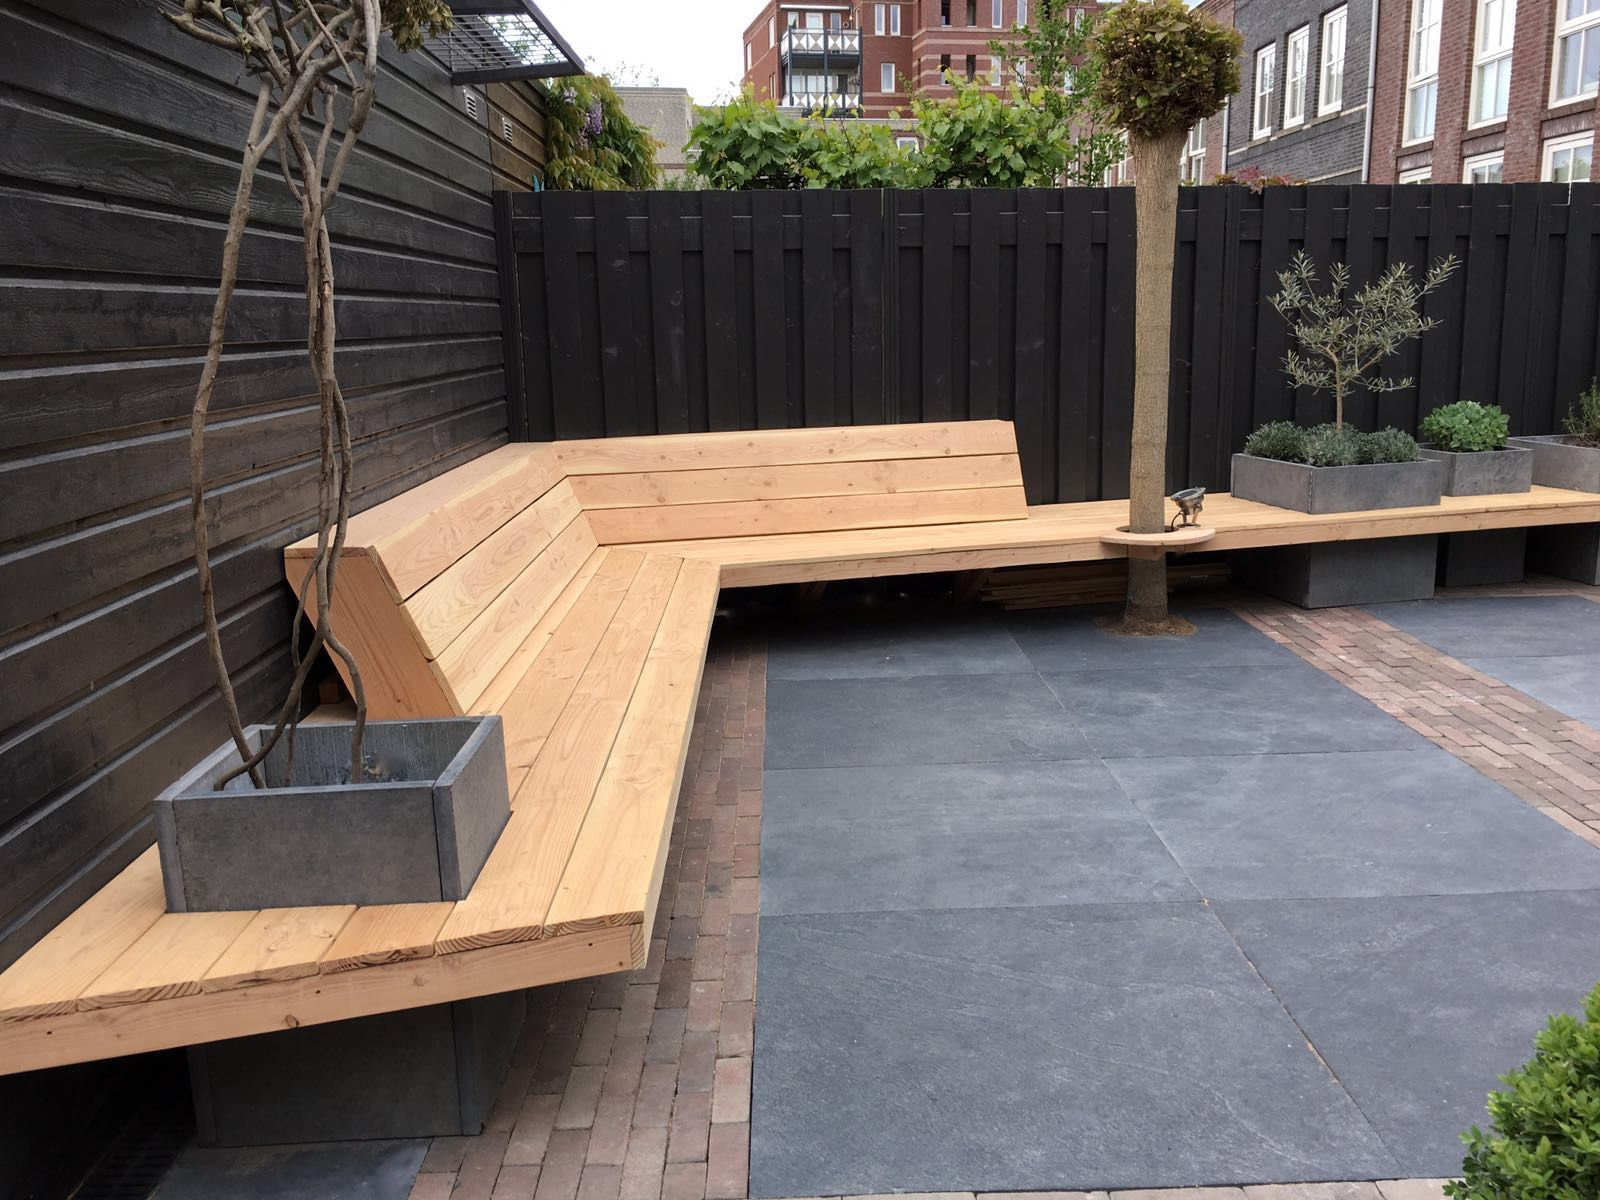 Realisatie tuin bestrating hergebruik oude stenen en tegels aangevuld met nieuwe xxl tegels for Tuin decoratie met stenen